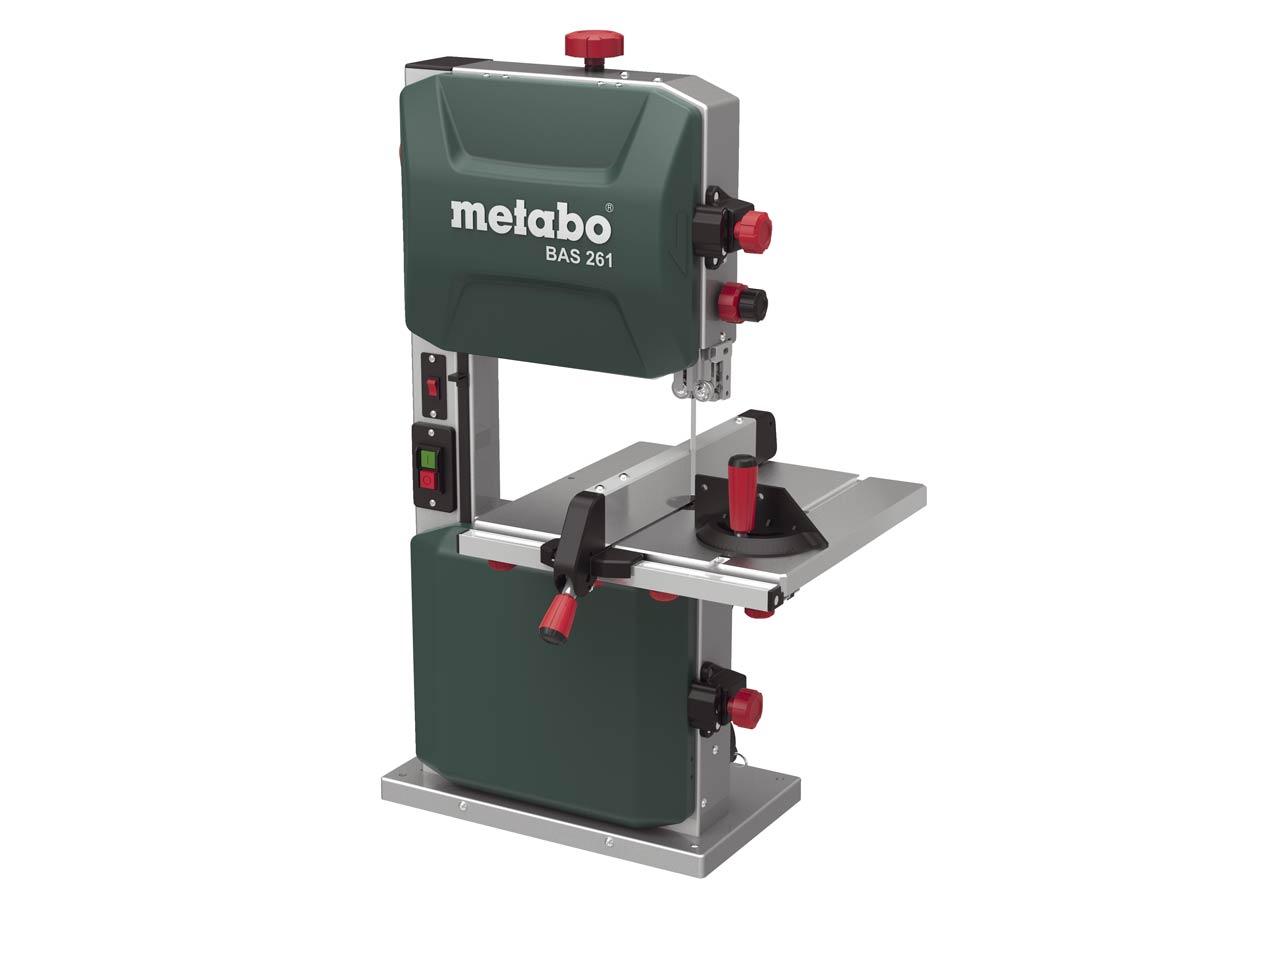 Metabo Bas 261 240v Precision Band Saw